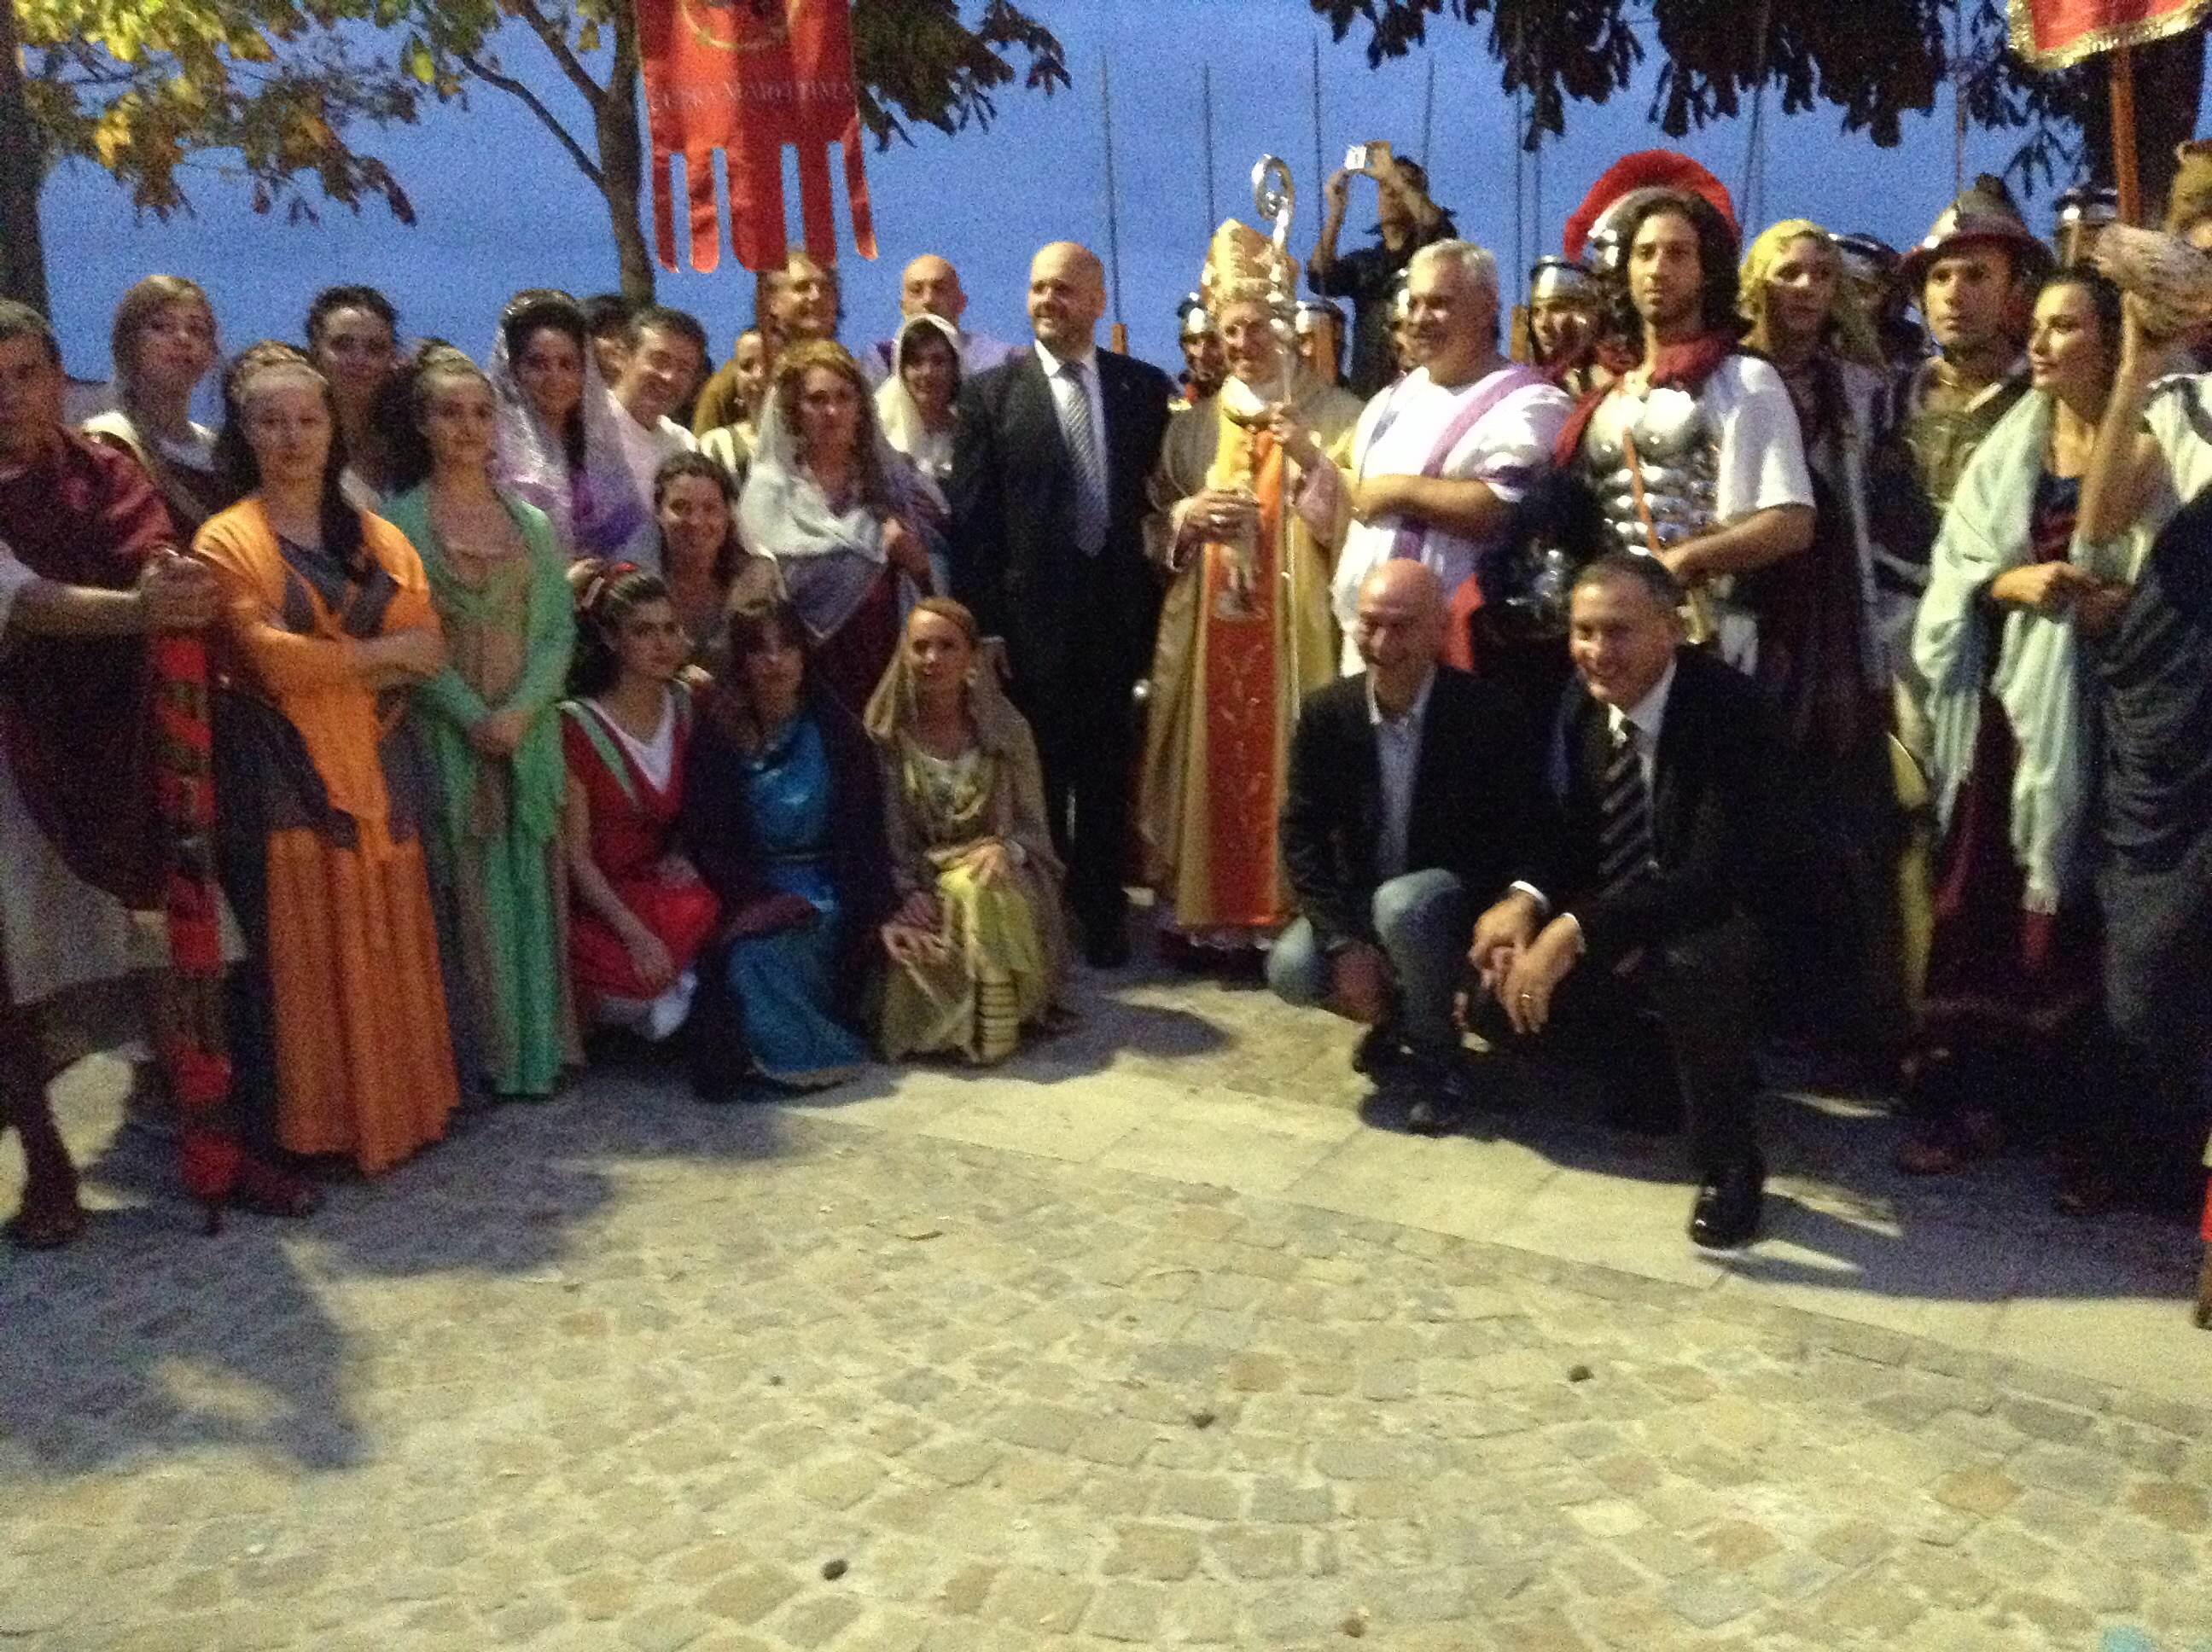 Il gruppo storico Cuprense omaggia San Benedetto Martire alla presenza del sindaco Gaspari, di Marco Calvaresi, del Vescovo Gestori